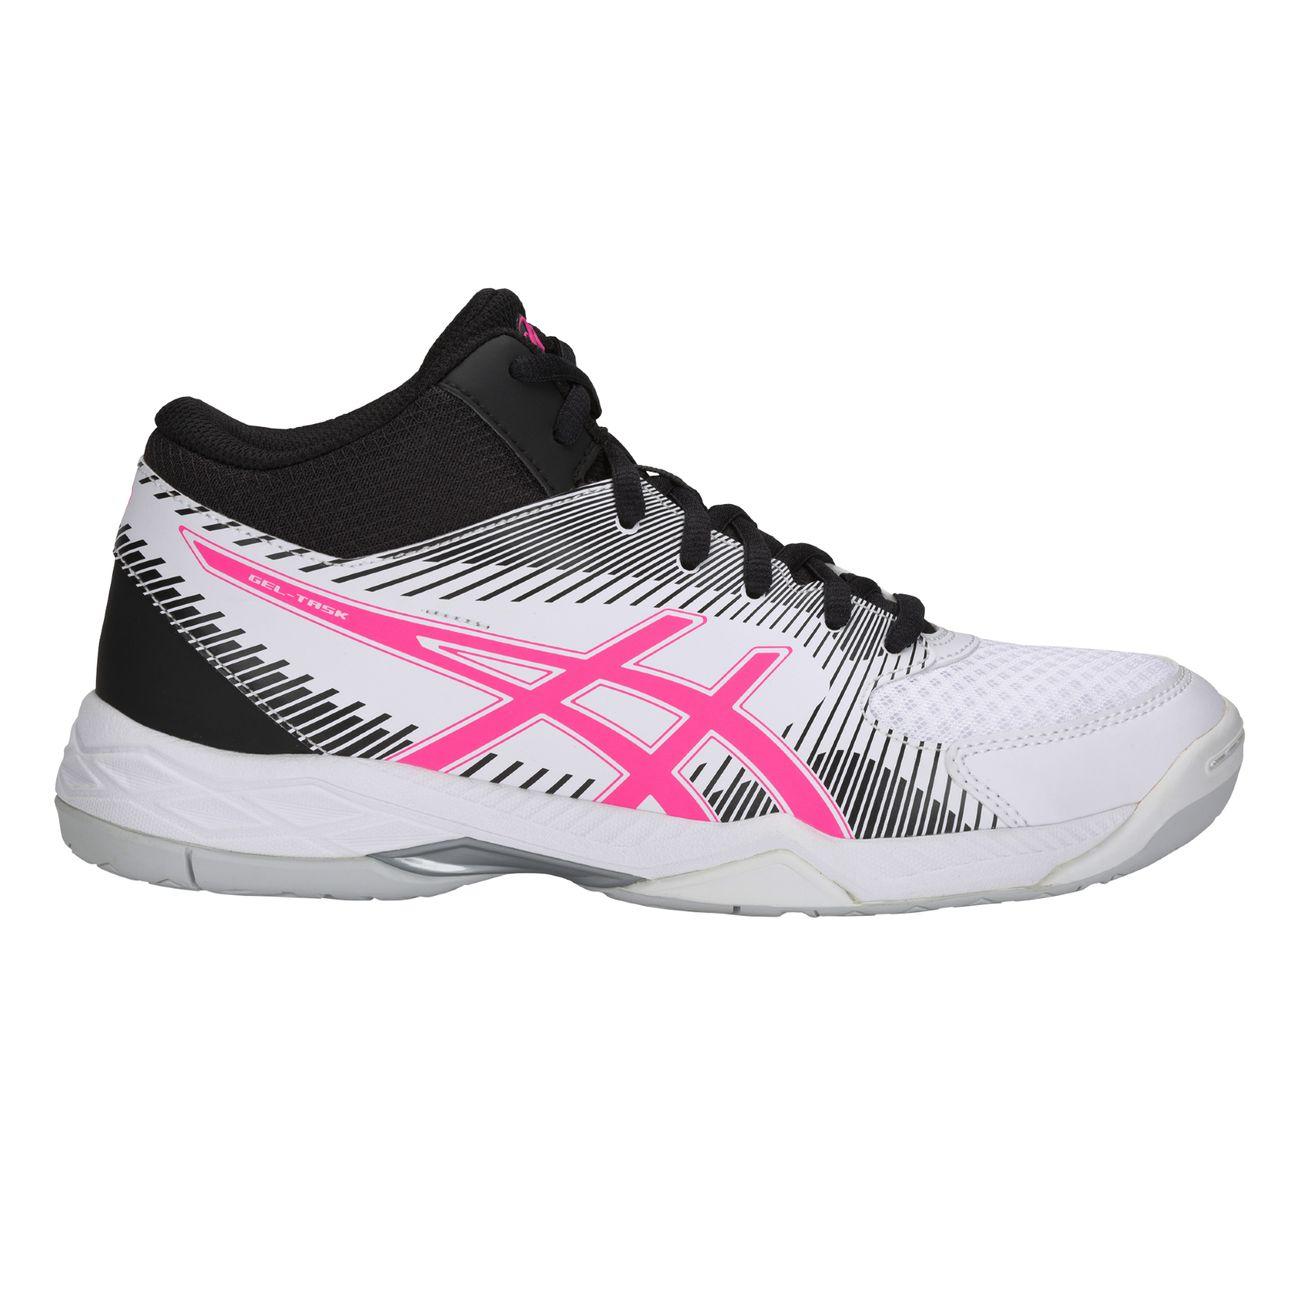 51053a1863 chaussures-femme-asics-gel-task-mt_1_v1.jpeg